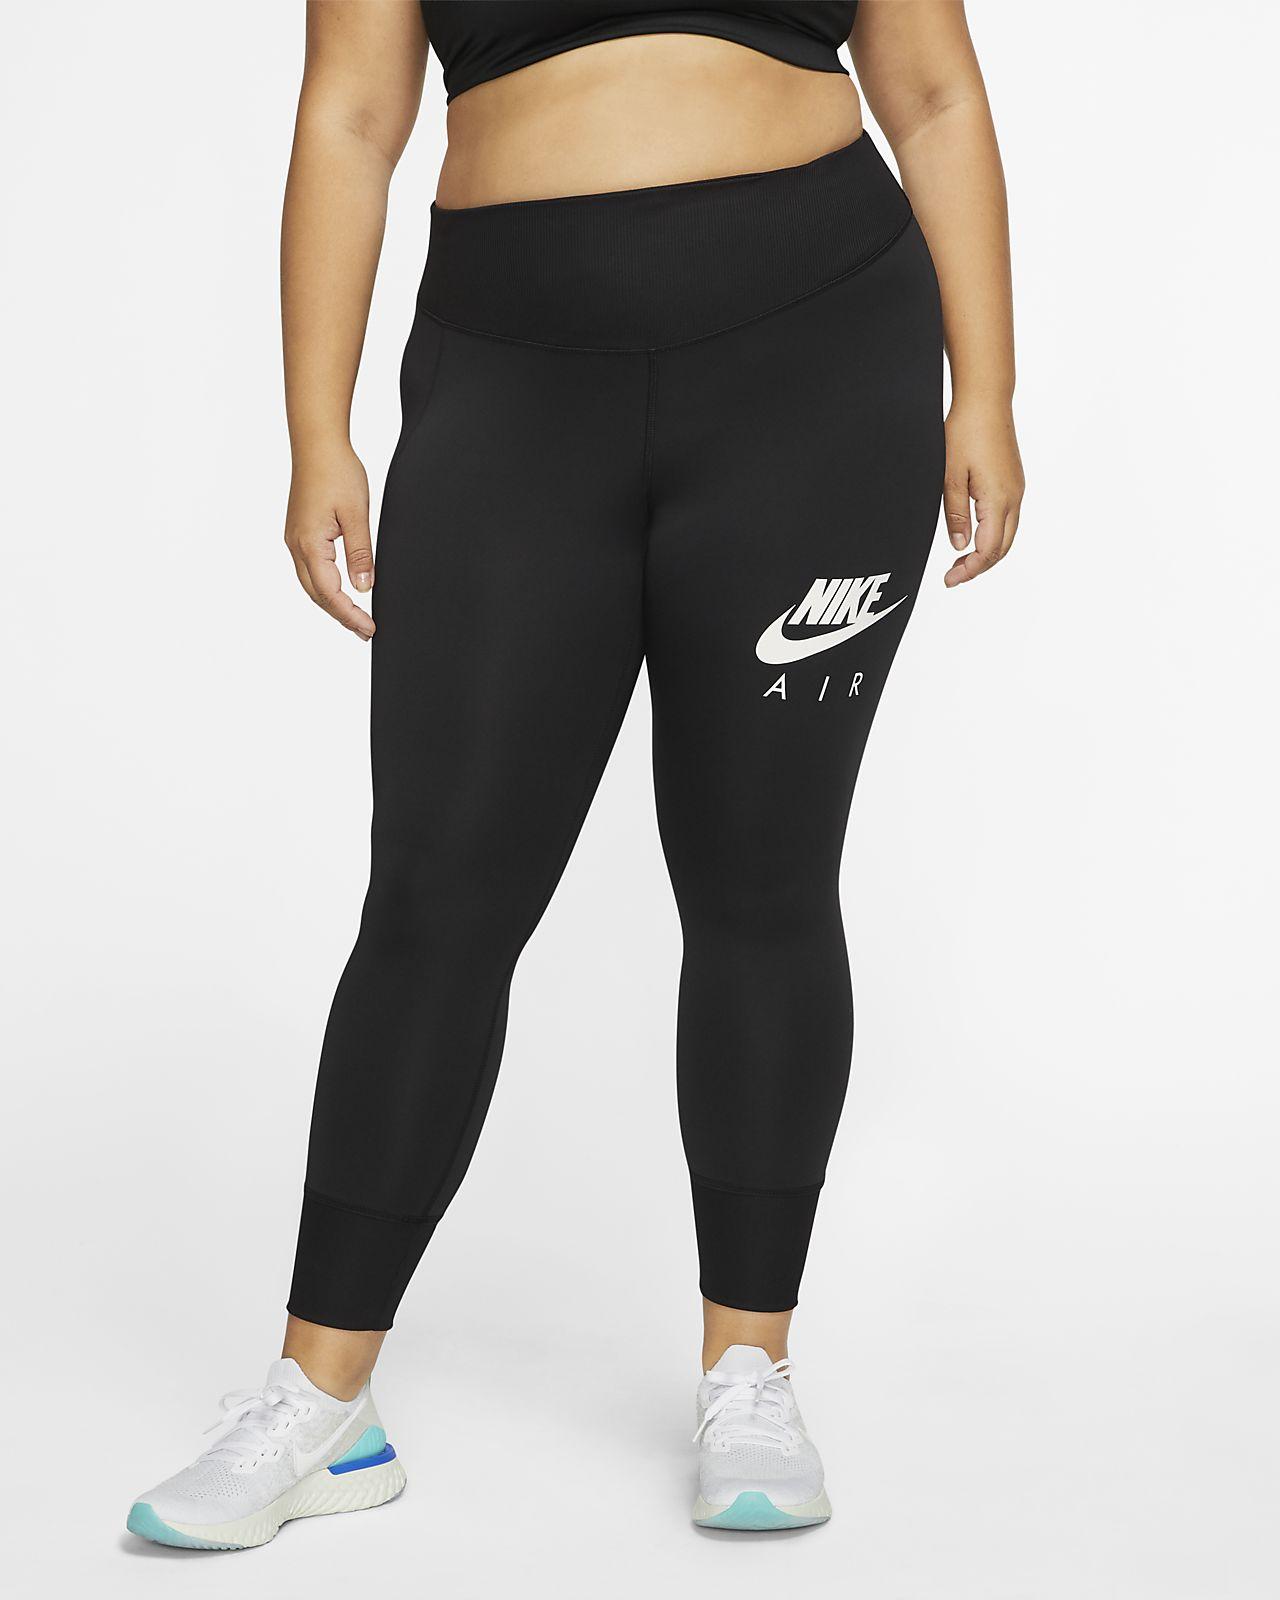 Dámské 7/8 běžecké legíny Nike Fast (větší velikost)